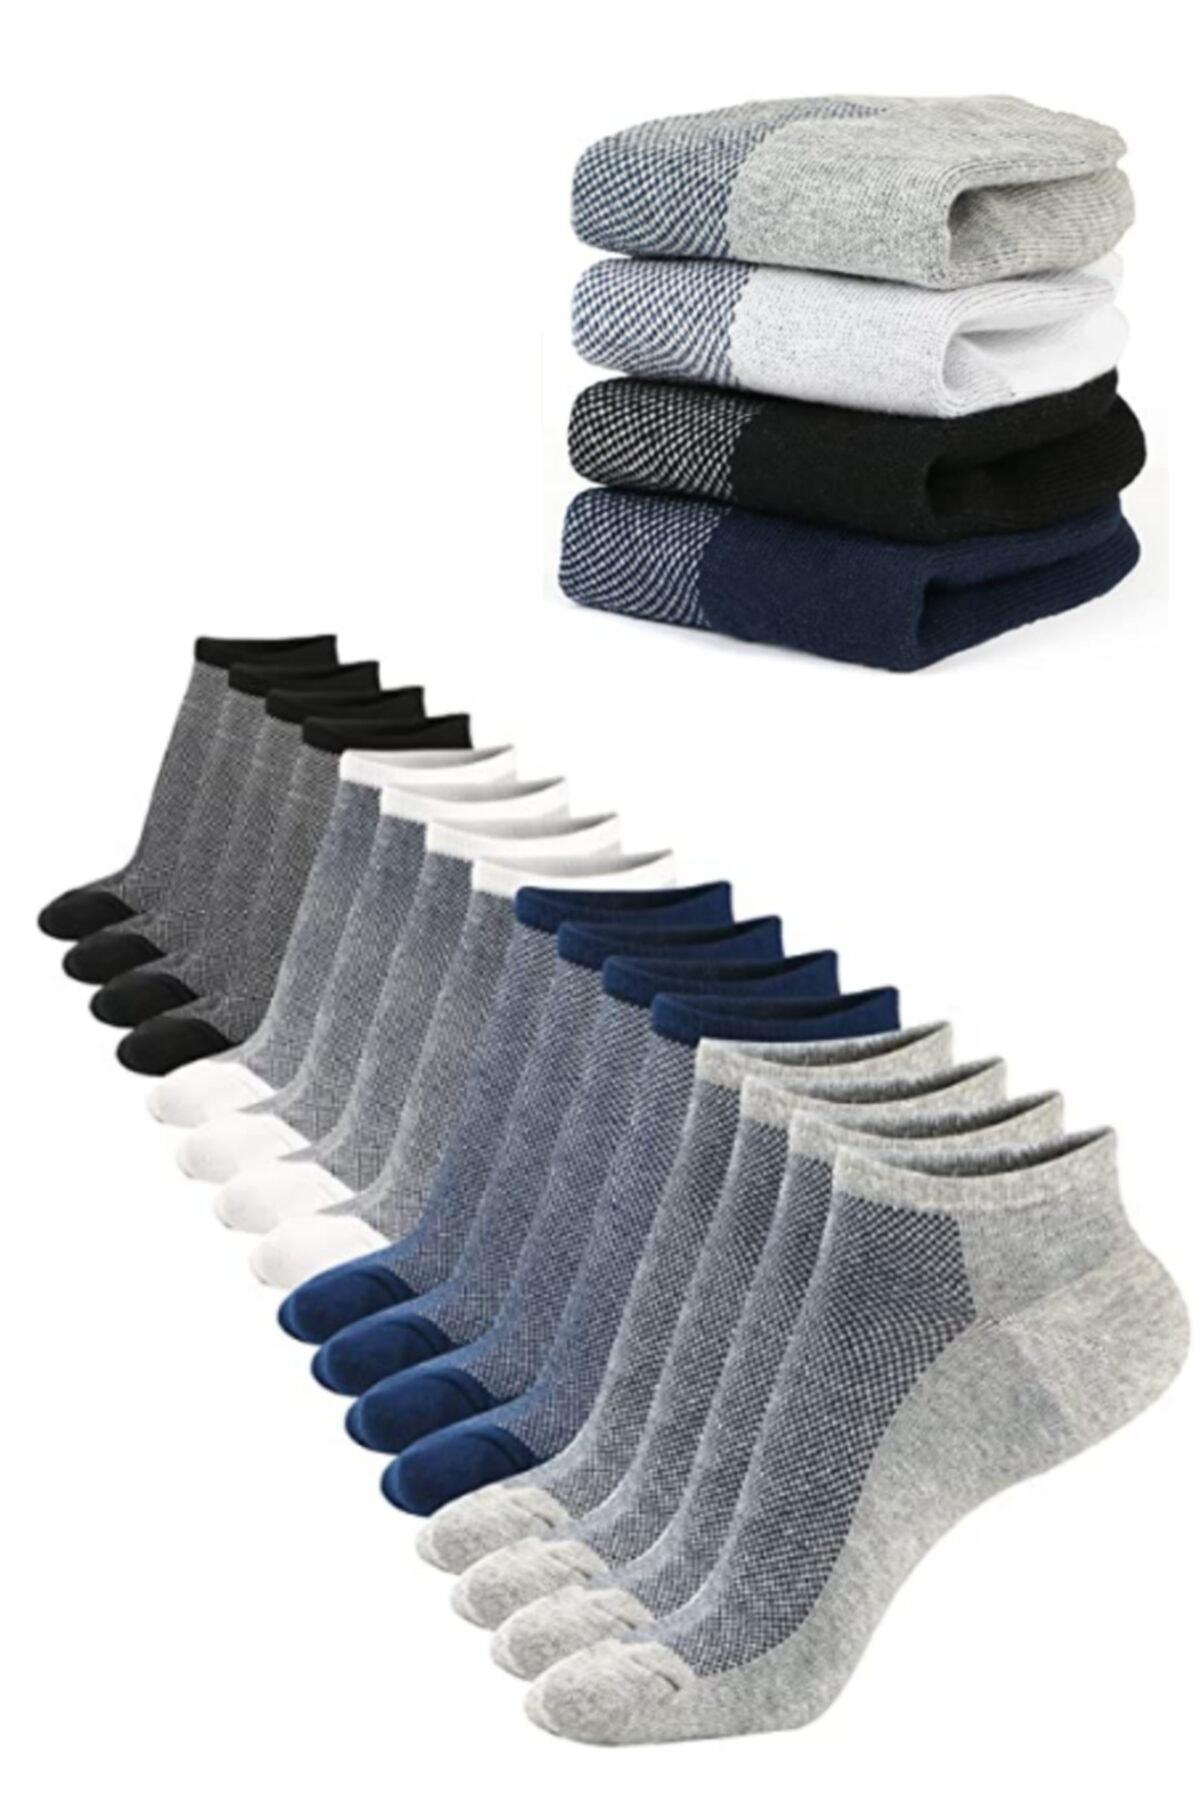 YENİ socksbox 10 Lu Erkek Dikişsiz Kısa Çorap( 41-45) NUMARALAR